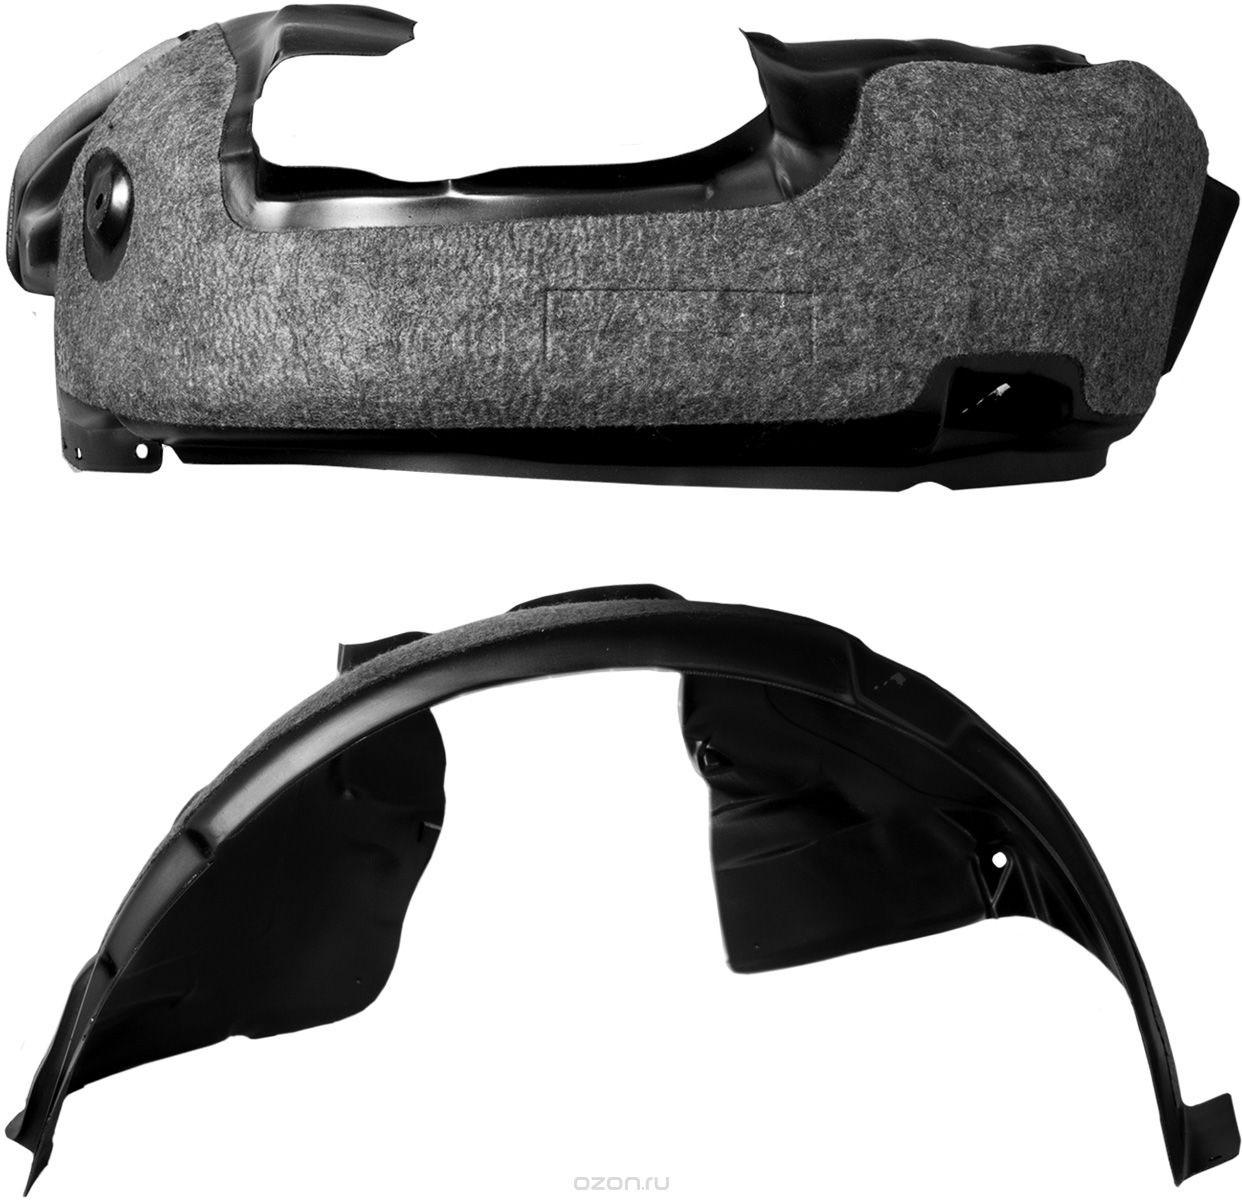 Подкрылок Novline-Autofamily, с шумоизоляцией, для HYUNDAI Creta, 06/2016->, кроссовер, передний левыйNLS.20.47.001Идеальная защита колесной ниши. Локеры разработаны с применением цифровых технологий, гарантируют максимальную повторяемость поверхности арки. Изделия устанавливаются без нарушения лакокрасочного покрытия автомобиля, каждый подкрылок комплектуется крепежом. Уважаемые клиенты, обращаем ваше внимание, что фотографии на подкрылки универсальные и не отражают реальную форму изделия. При этом само изделие идет точно под размер указанного автомобиля.